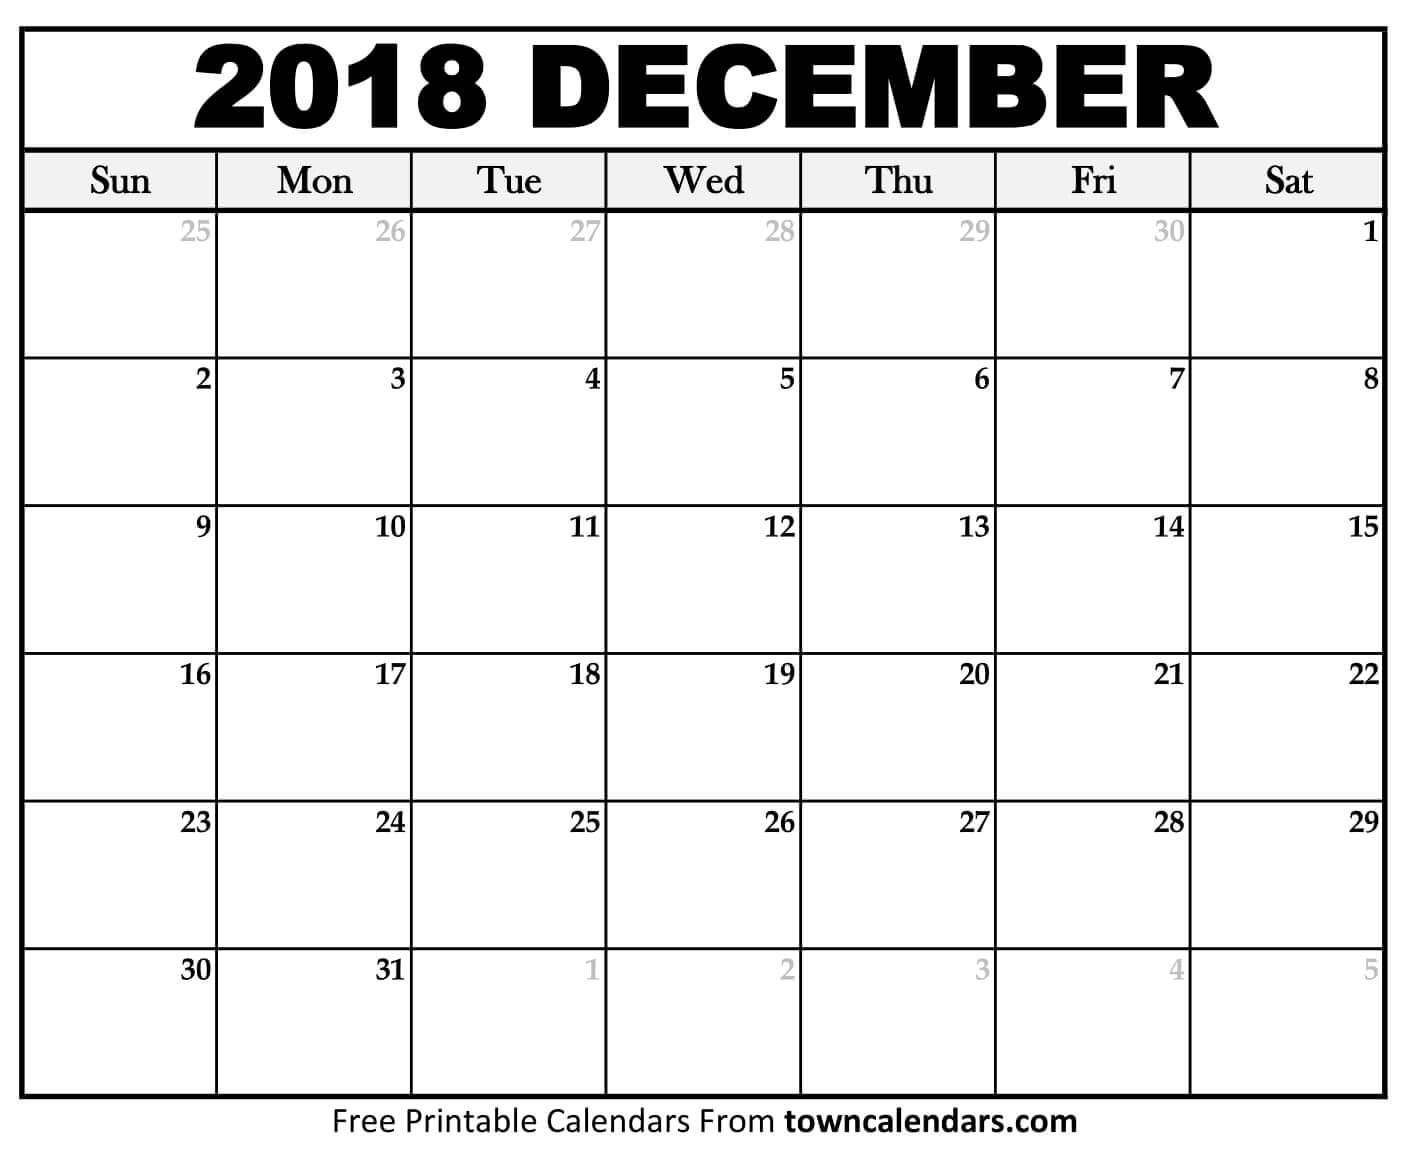 December 2018 Calendar Blank Template Planner